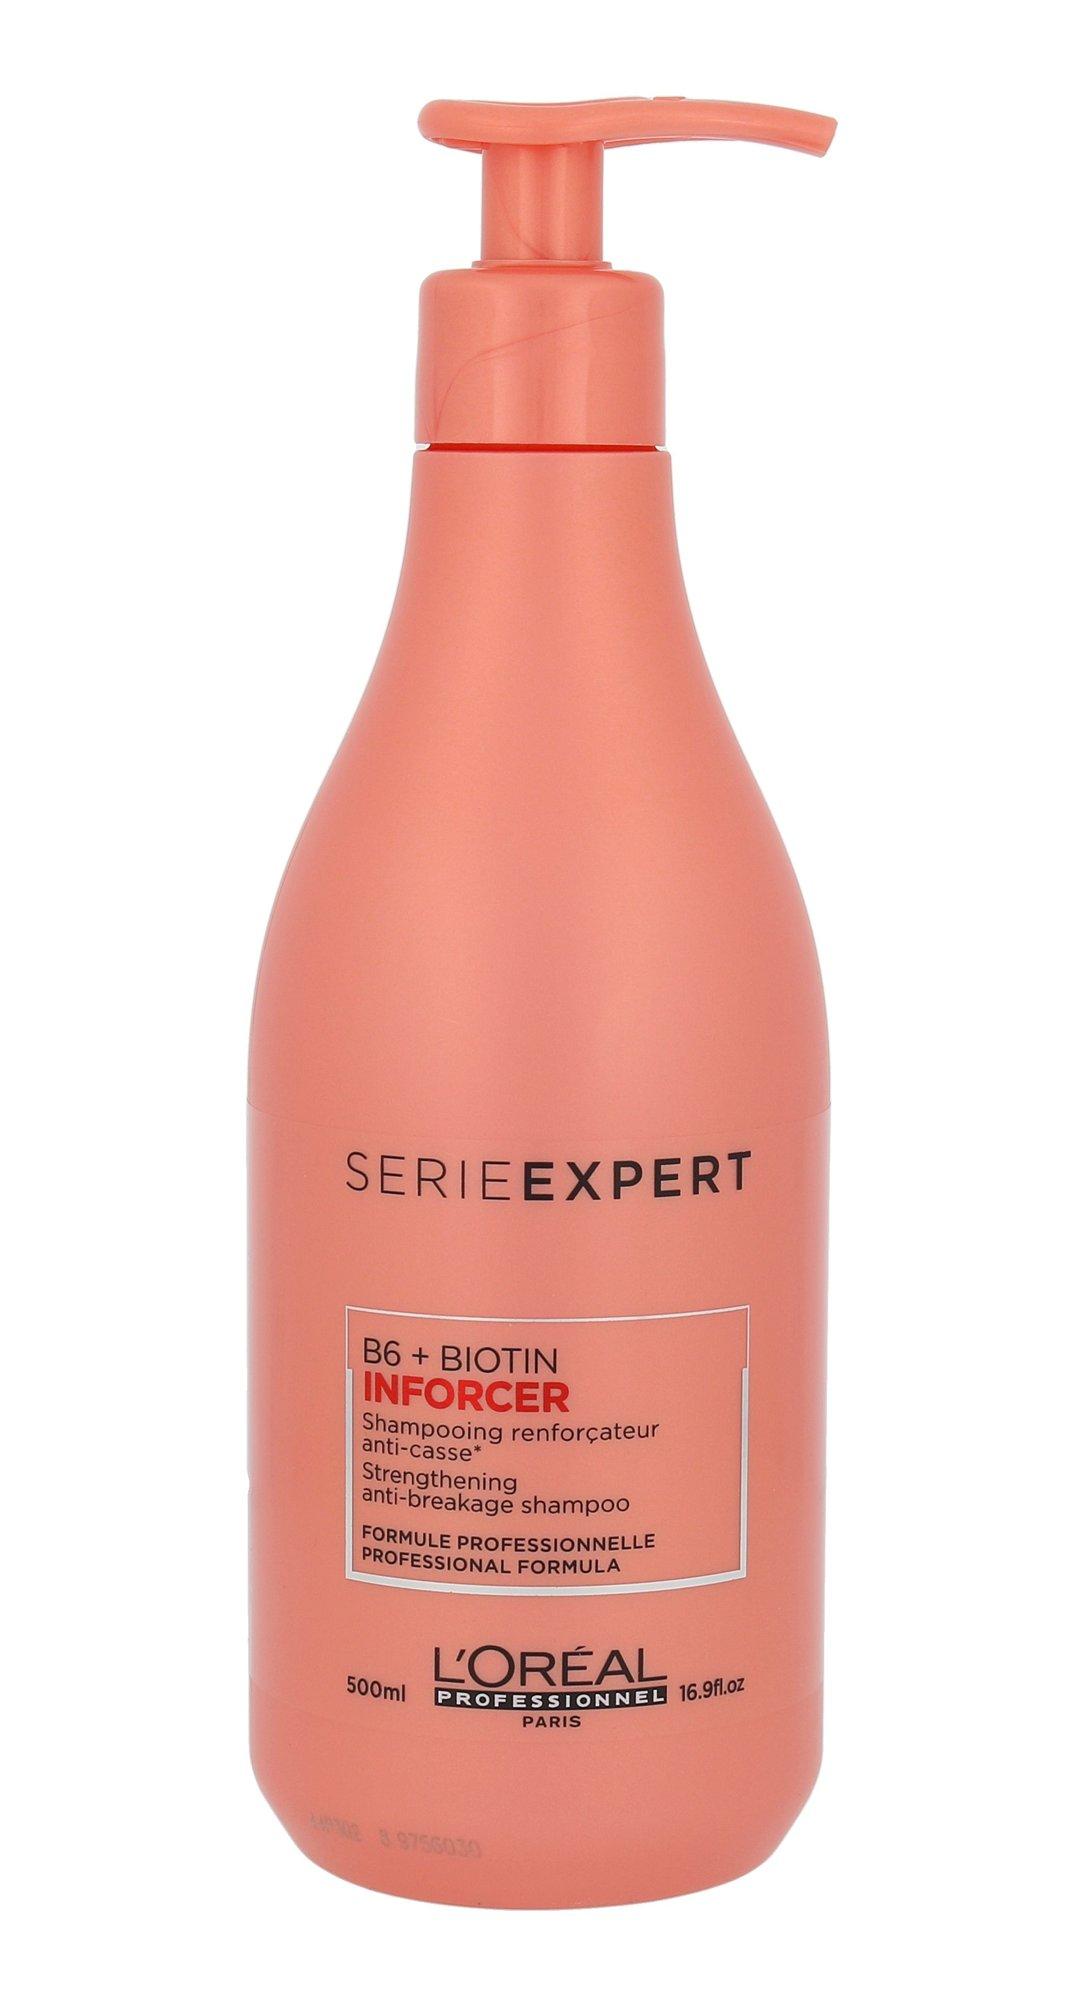 L´Oréal Professionnel Série Expert Shampoo 500ml